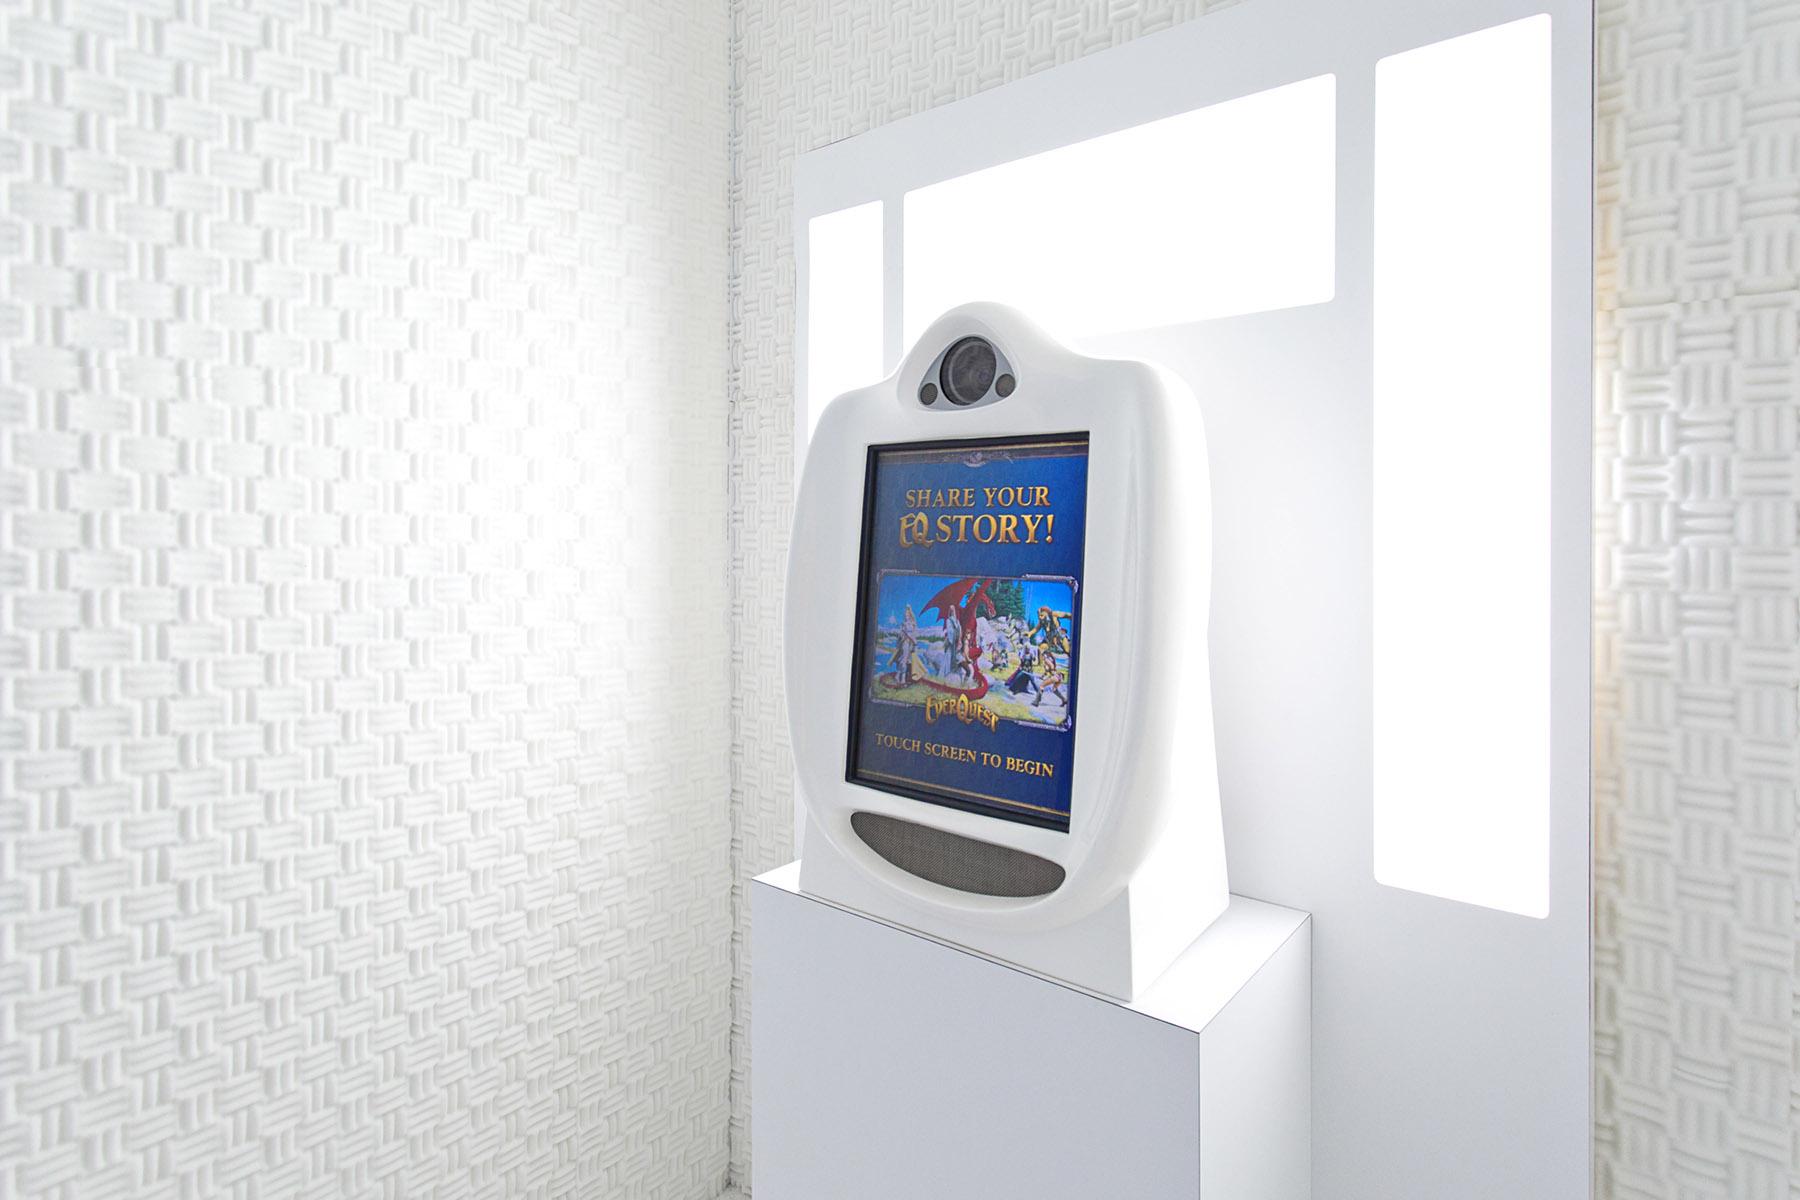 Sony Desktop VideoKiosk 2